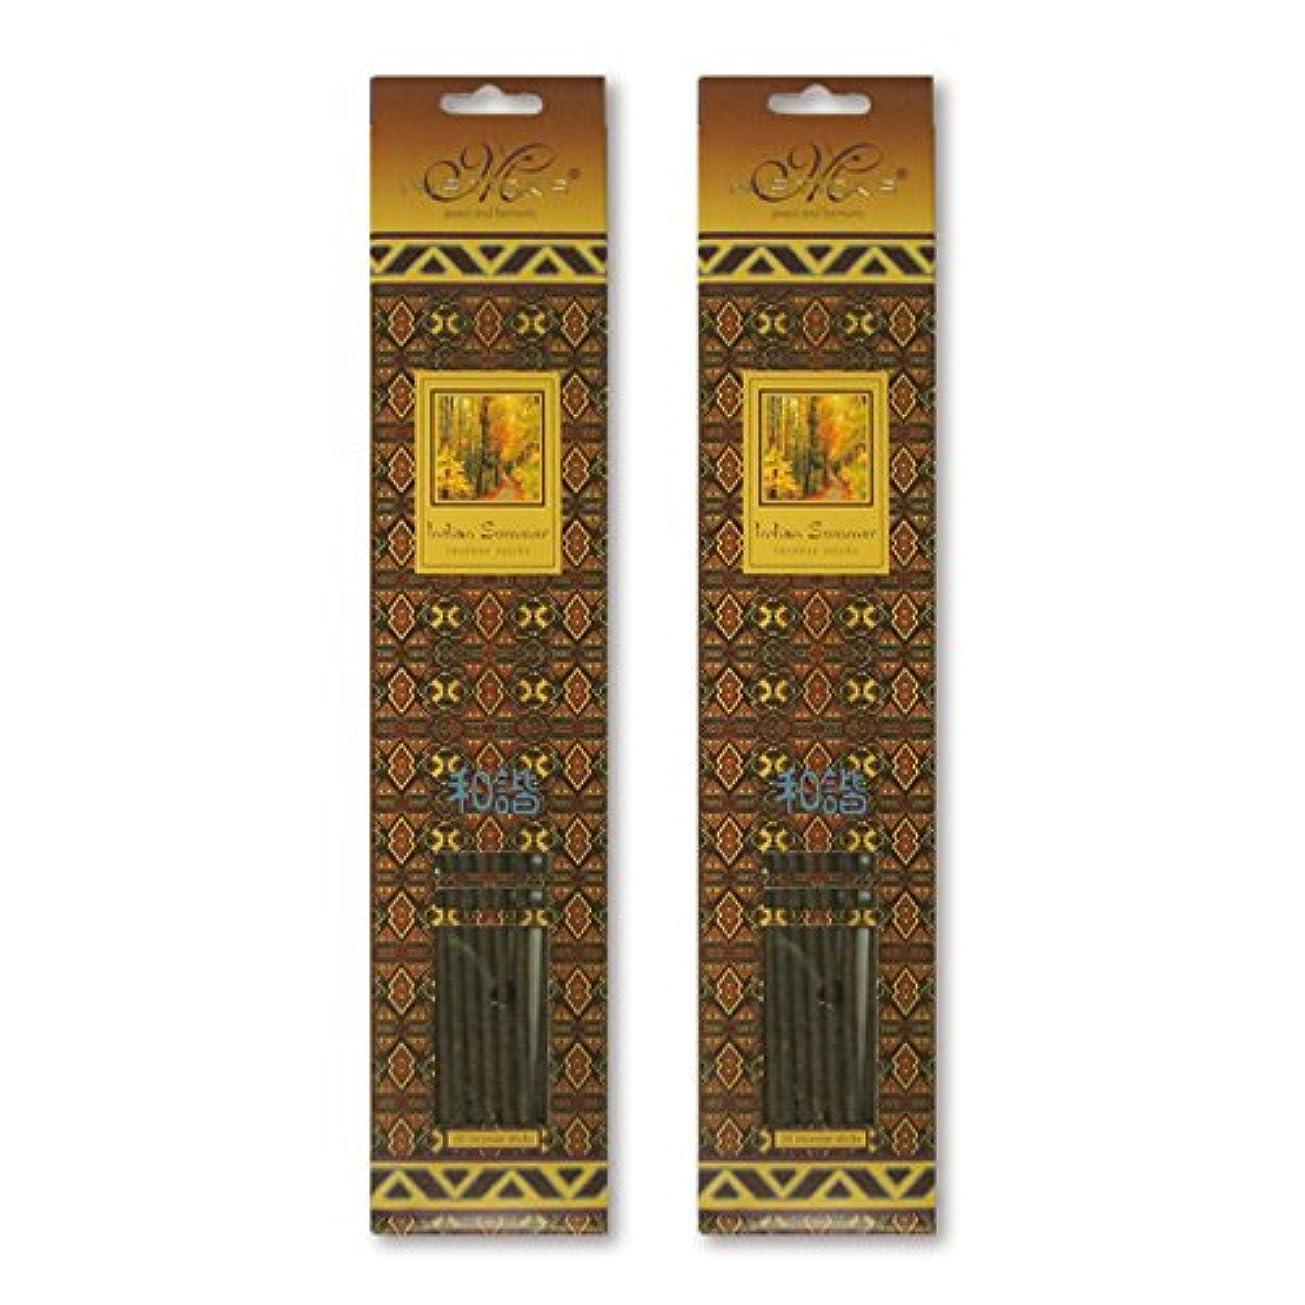 鉄マナー換気するMISTICKS ミスティックス Indian Summer インディアンサマー お香 20本 X 2パック (40本)